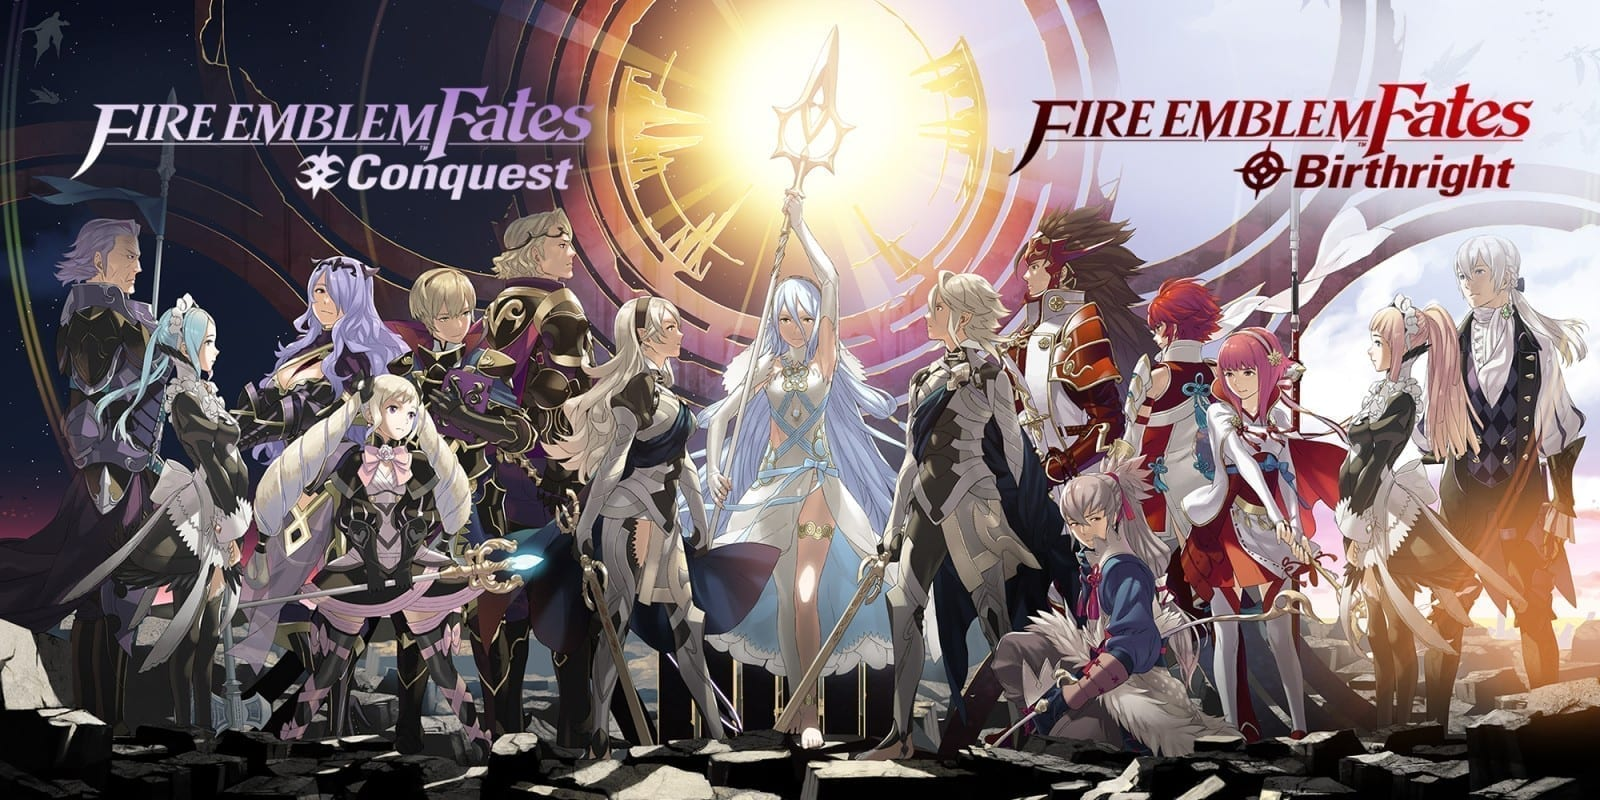 [Megarecenzja] Fire Emblem Fates - po której jesteśstronie?